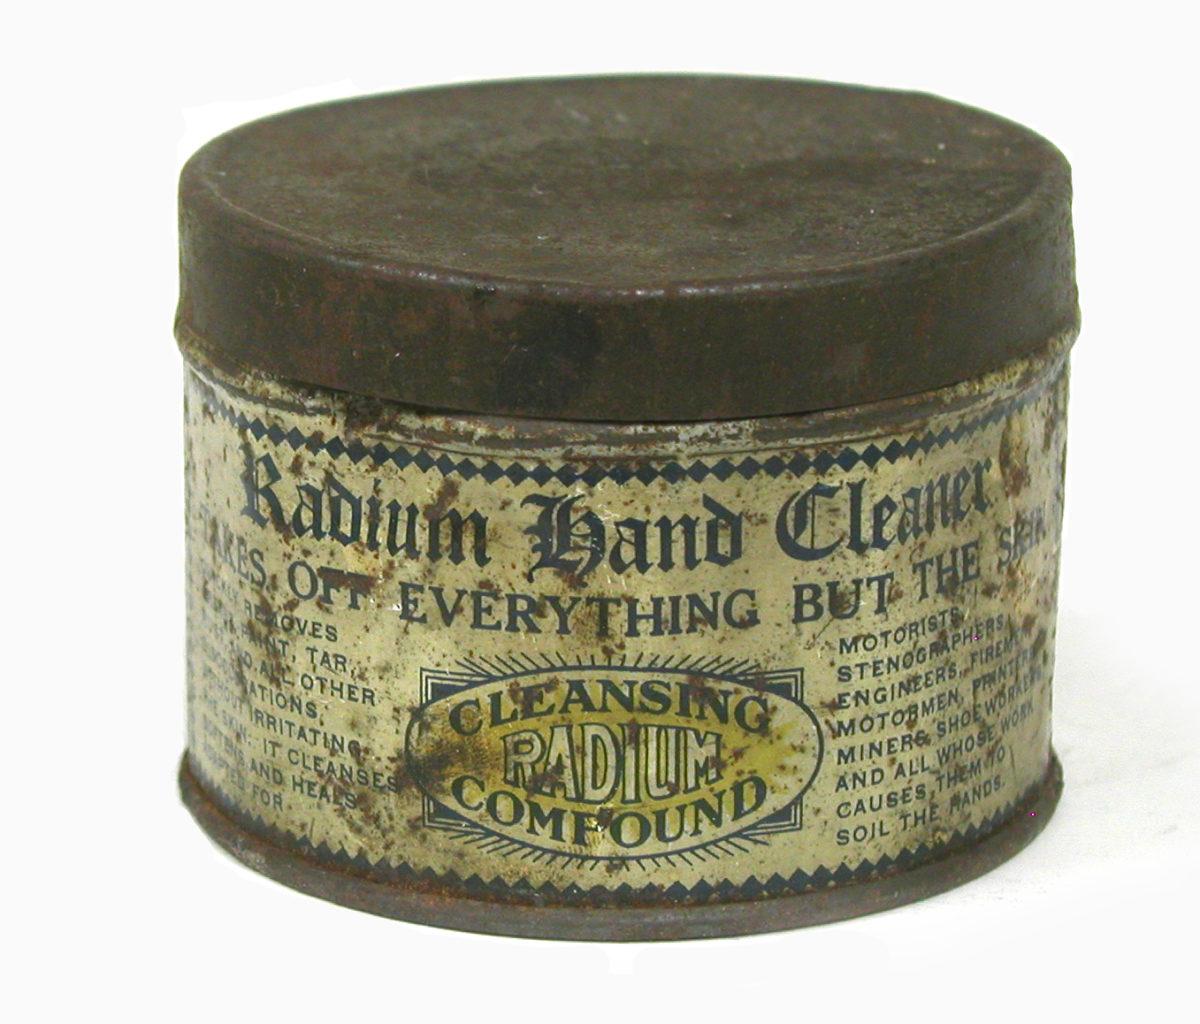 Радиевый очиститель для рук. Инструкция: «Нанести на кожу, чтобы быстро удалить жир, краску, смолу, ржавчину. Не вызывает раздражения».